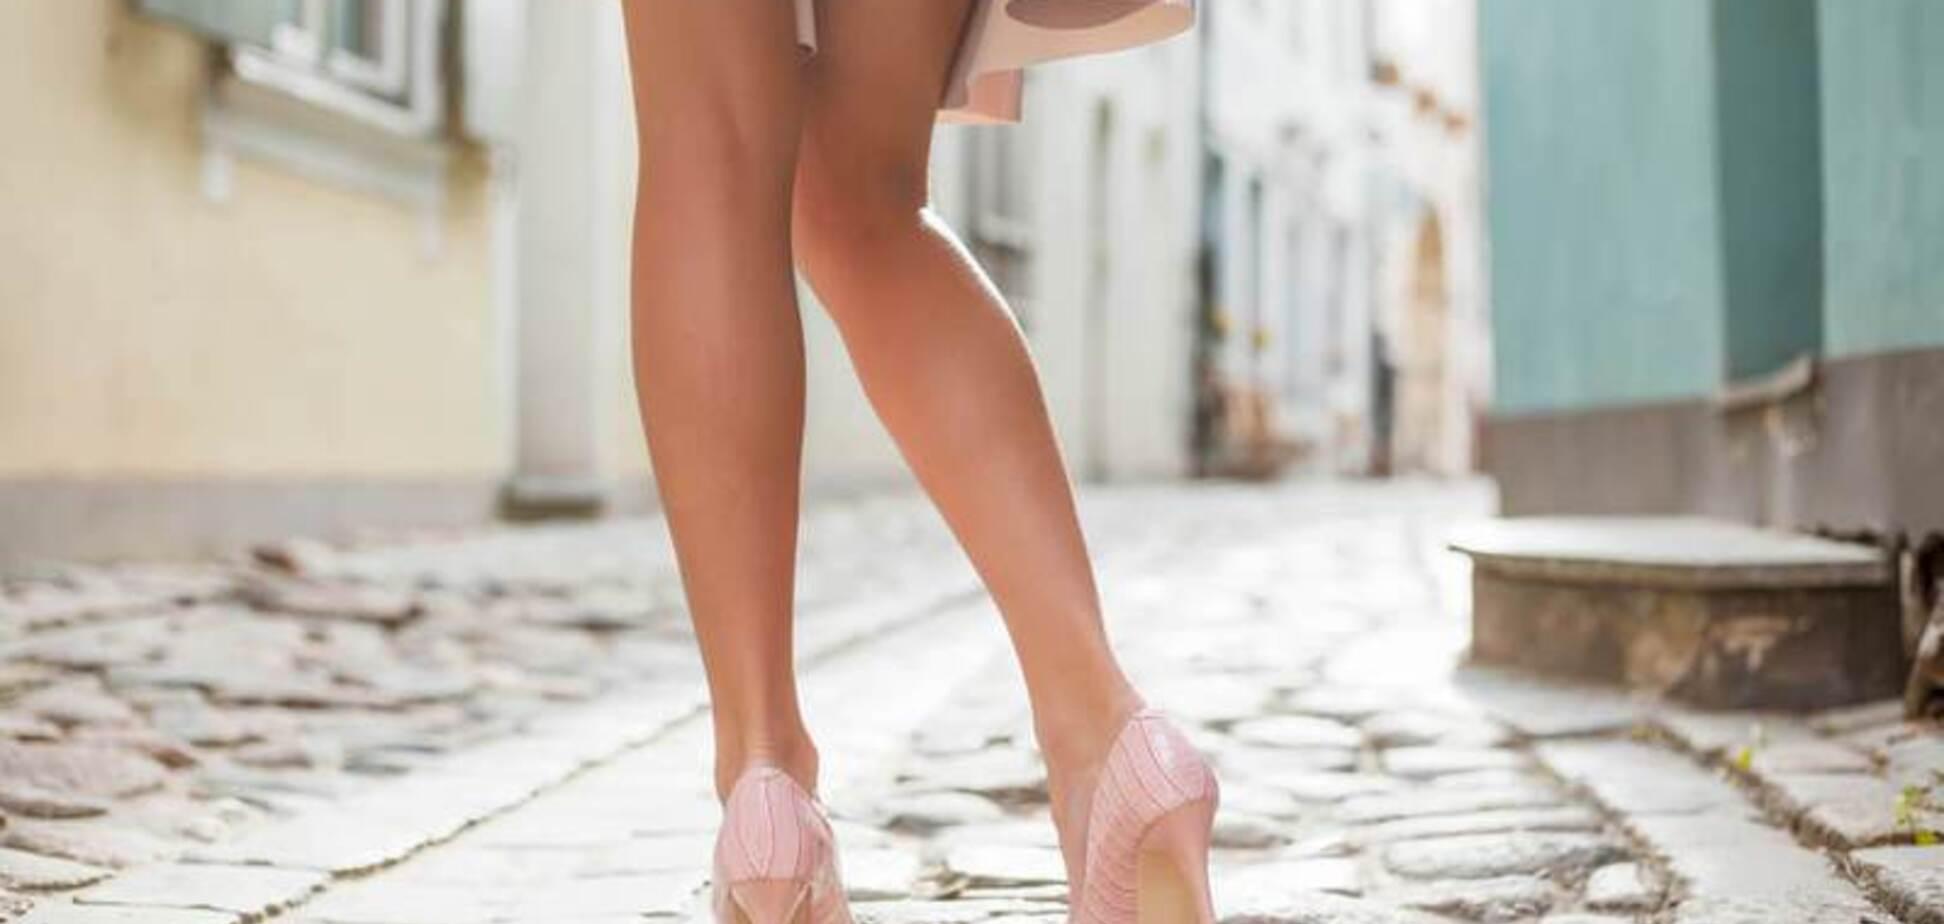 Діагностика на ногах: названі ознаки небезпечних захворювань